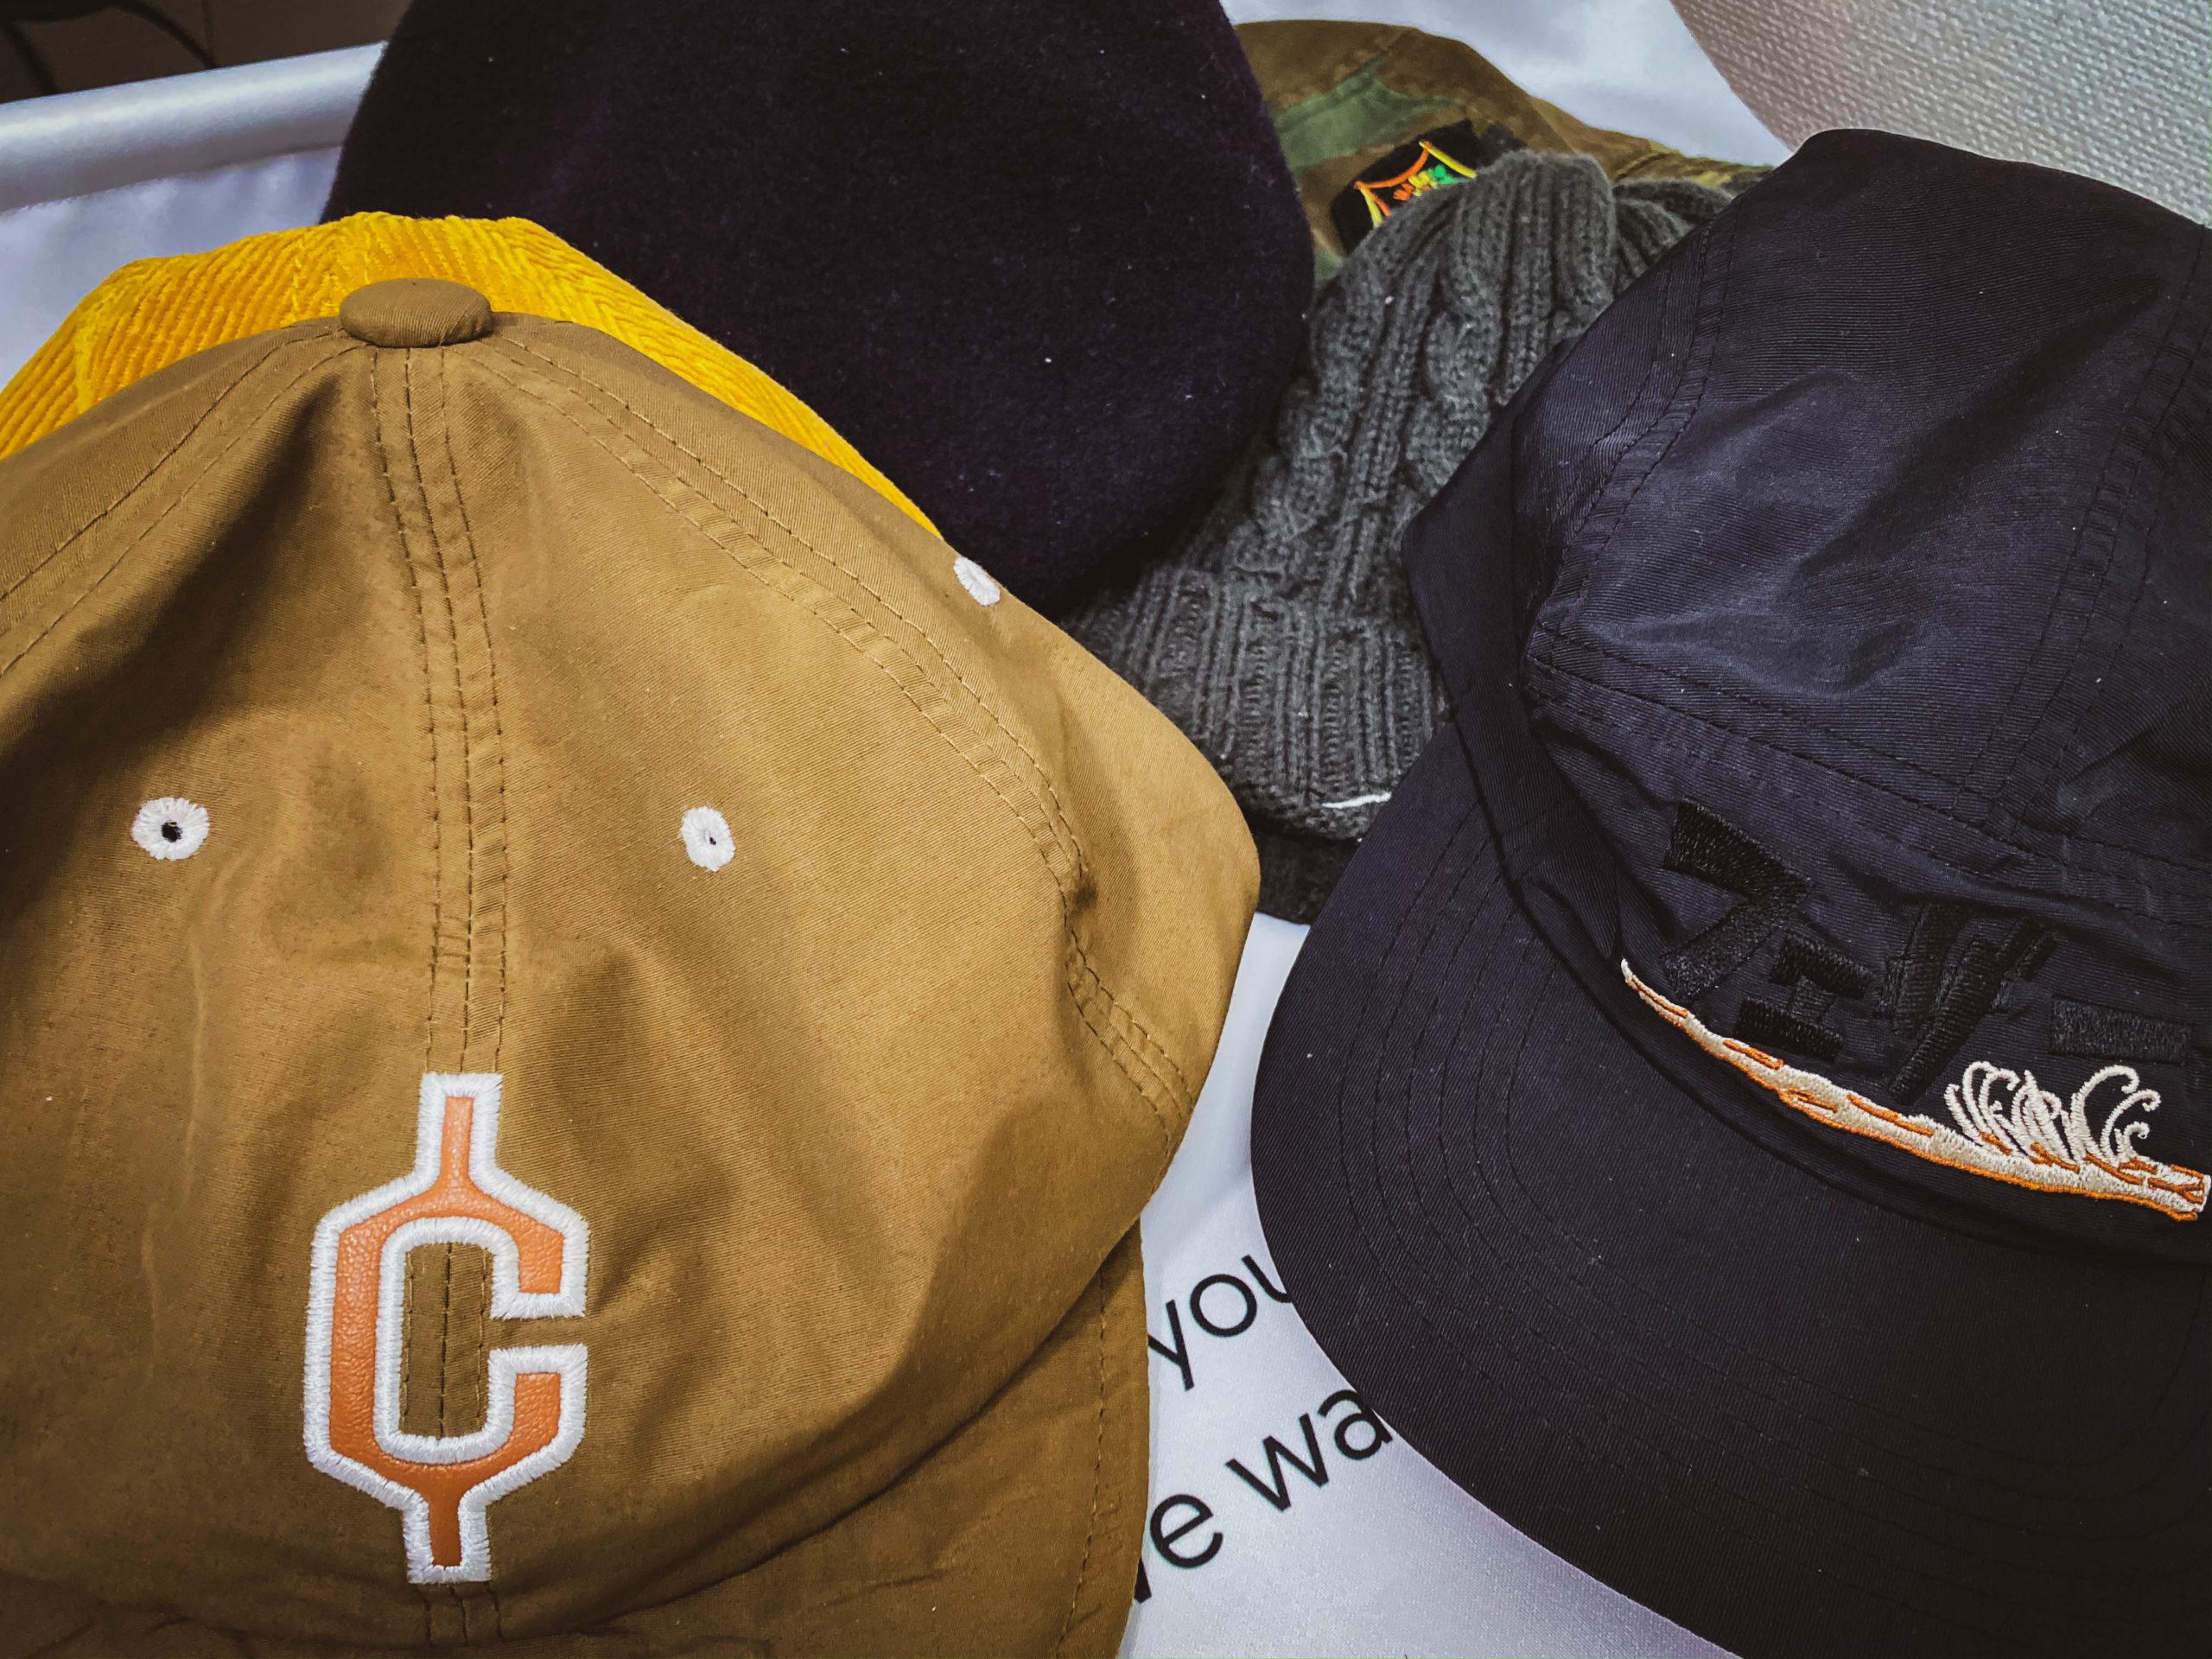 【キャンプの服装】おしゃれなキャンプファッションでどうすればいいのか問題帽子編